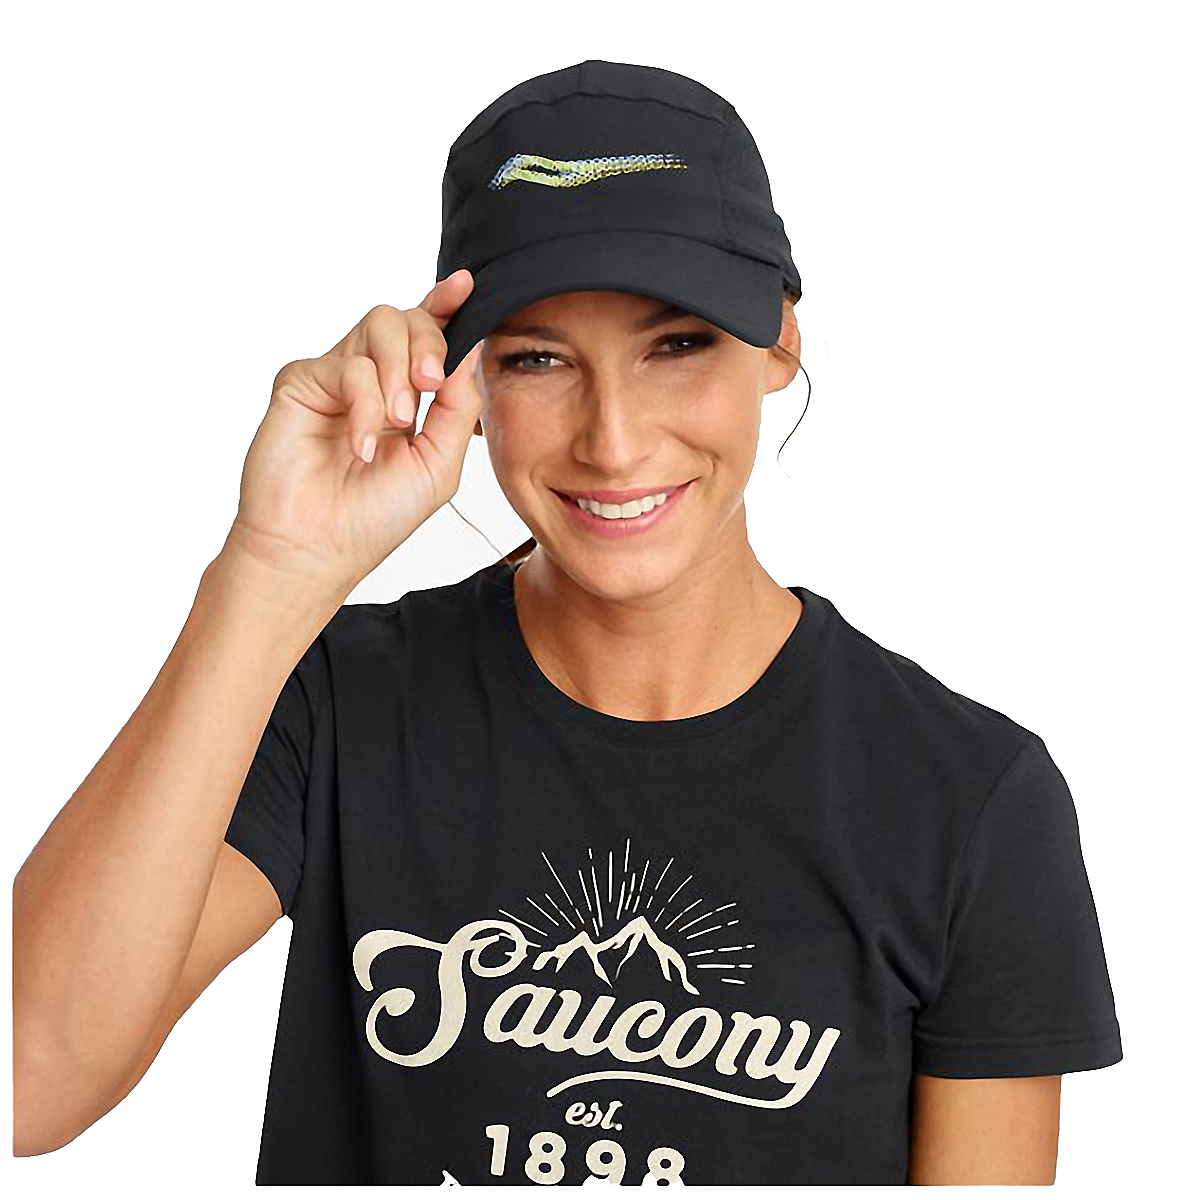 Saucony Outpace Hat - Color: Black, Black, large, image 1